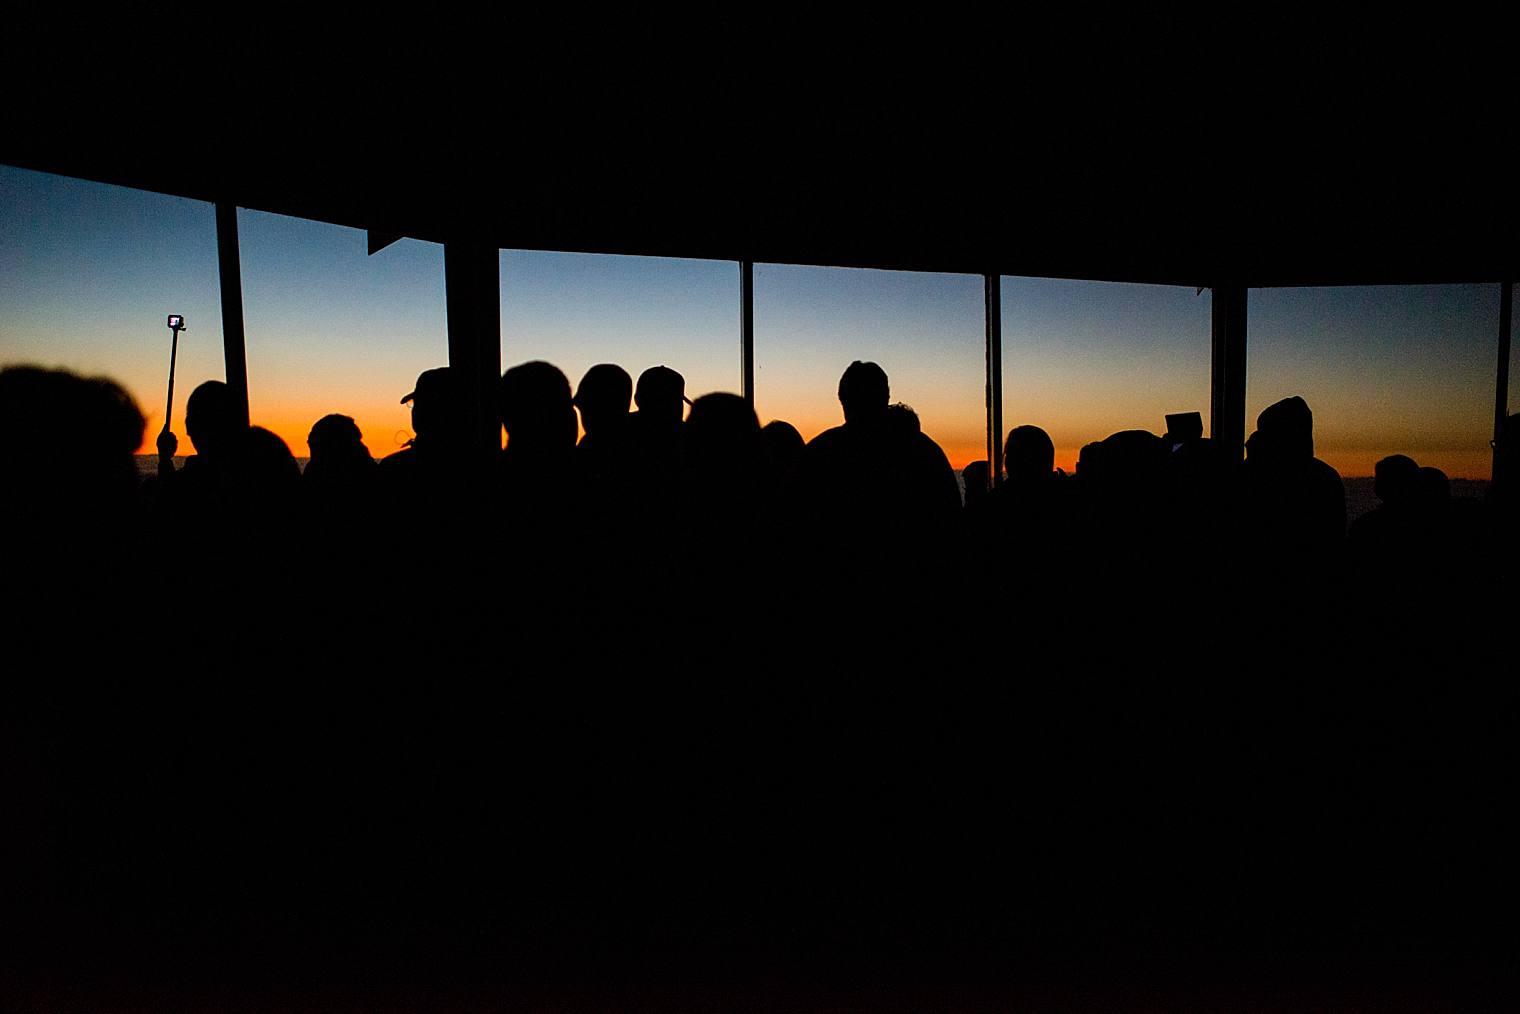 waiting for sunrise on haleakala